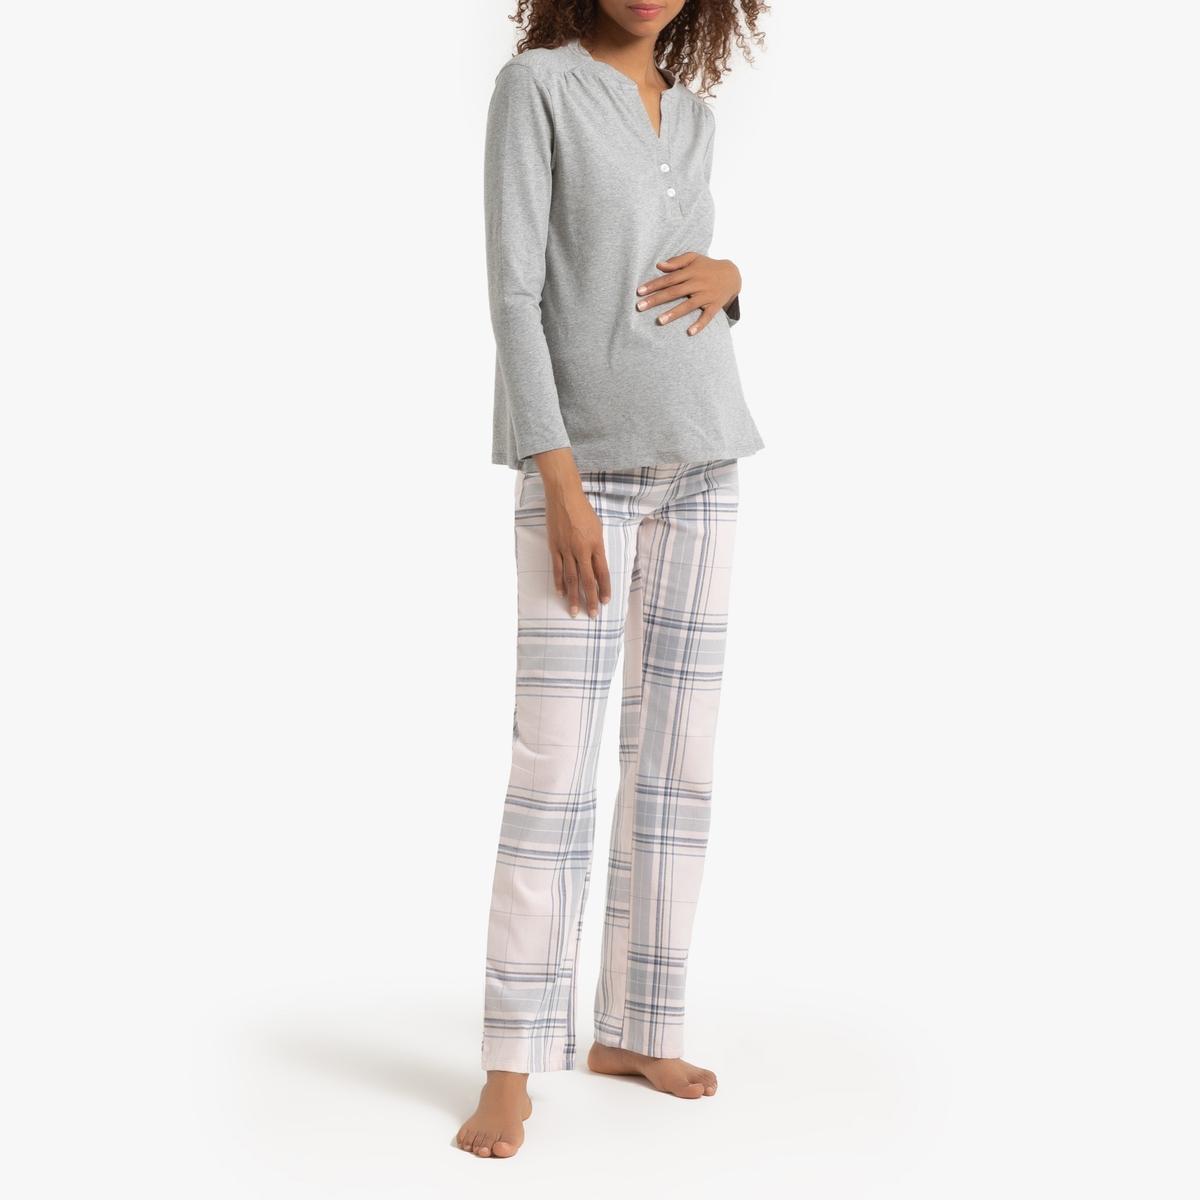 Пижама La Redoute Для беременных и кормящих грудью 52 (FR) - 58 (RUS) серый купальник la redoute раздельный для периода беременности 46 fr 52 rus синий